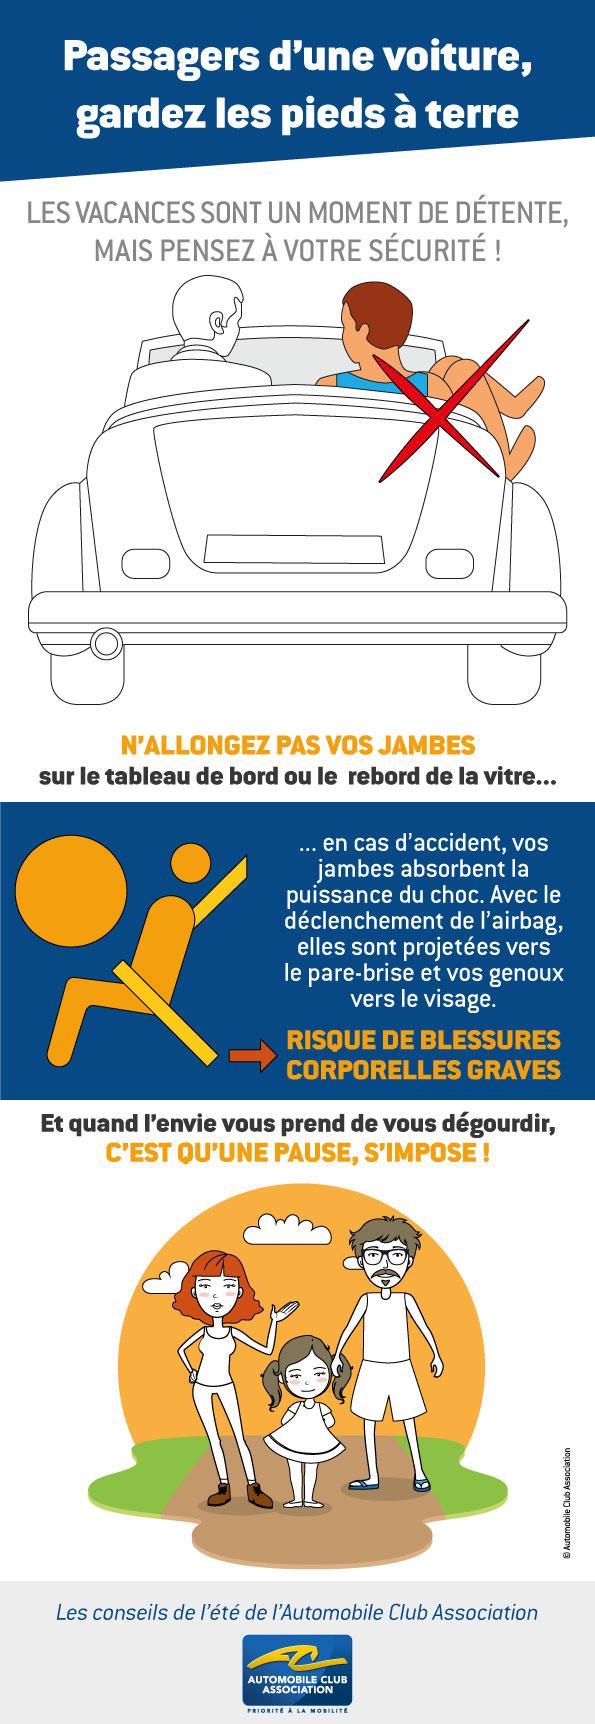 conseil 3 passagers, gardez les pieds à terre